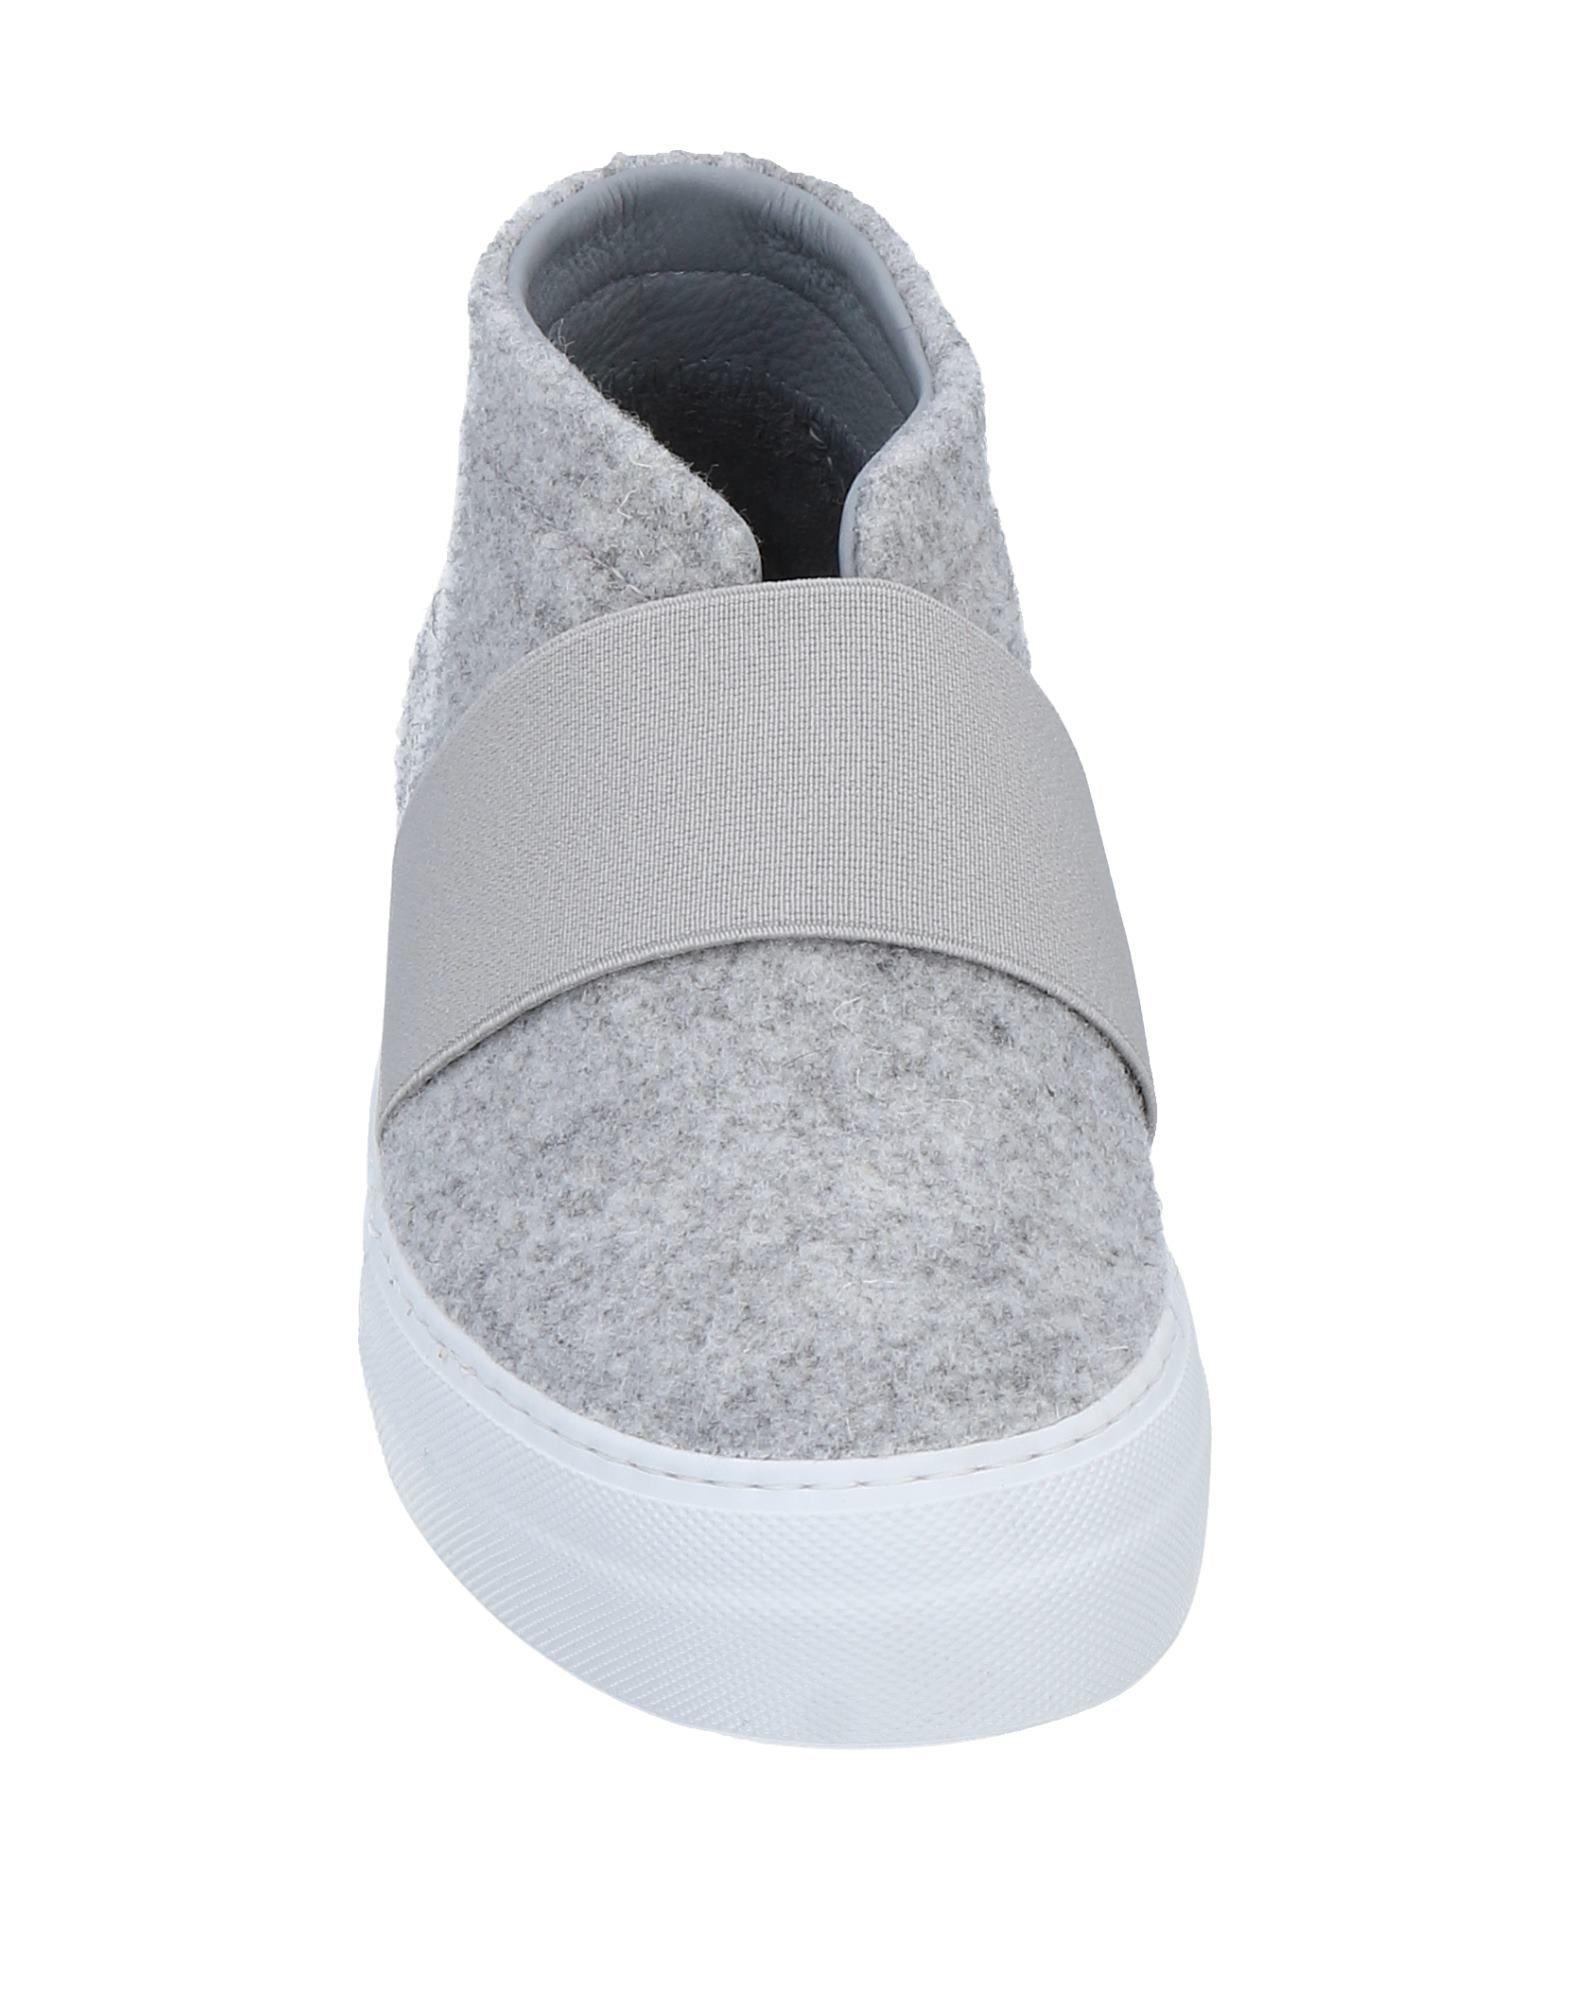 Diemme Sneakers Damen  Schuhe 11500613BX Gute Qualität beliebte Schuhe  57013e